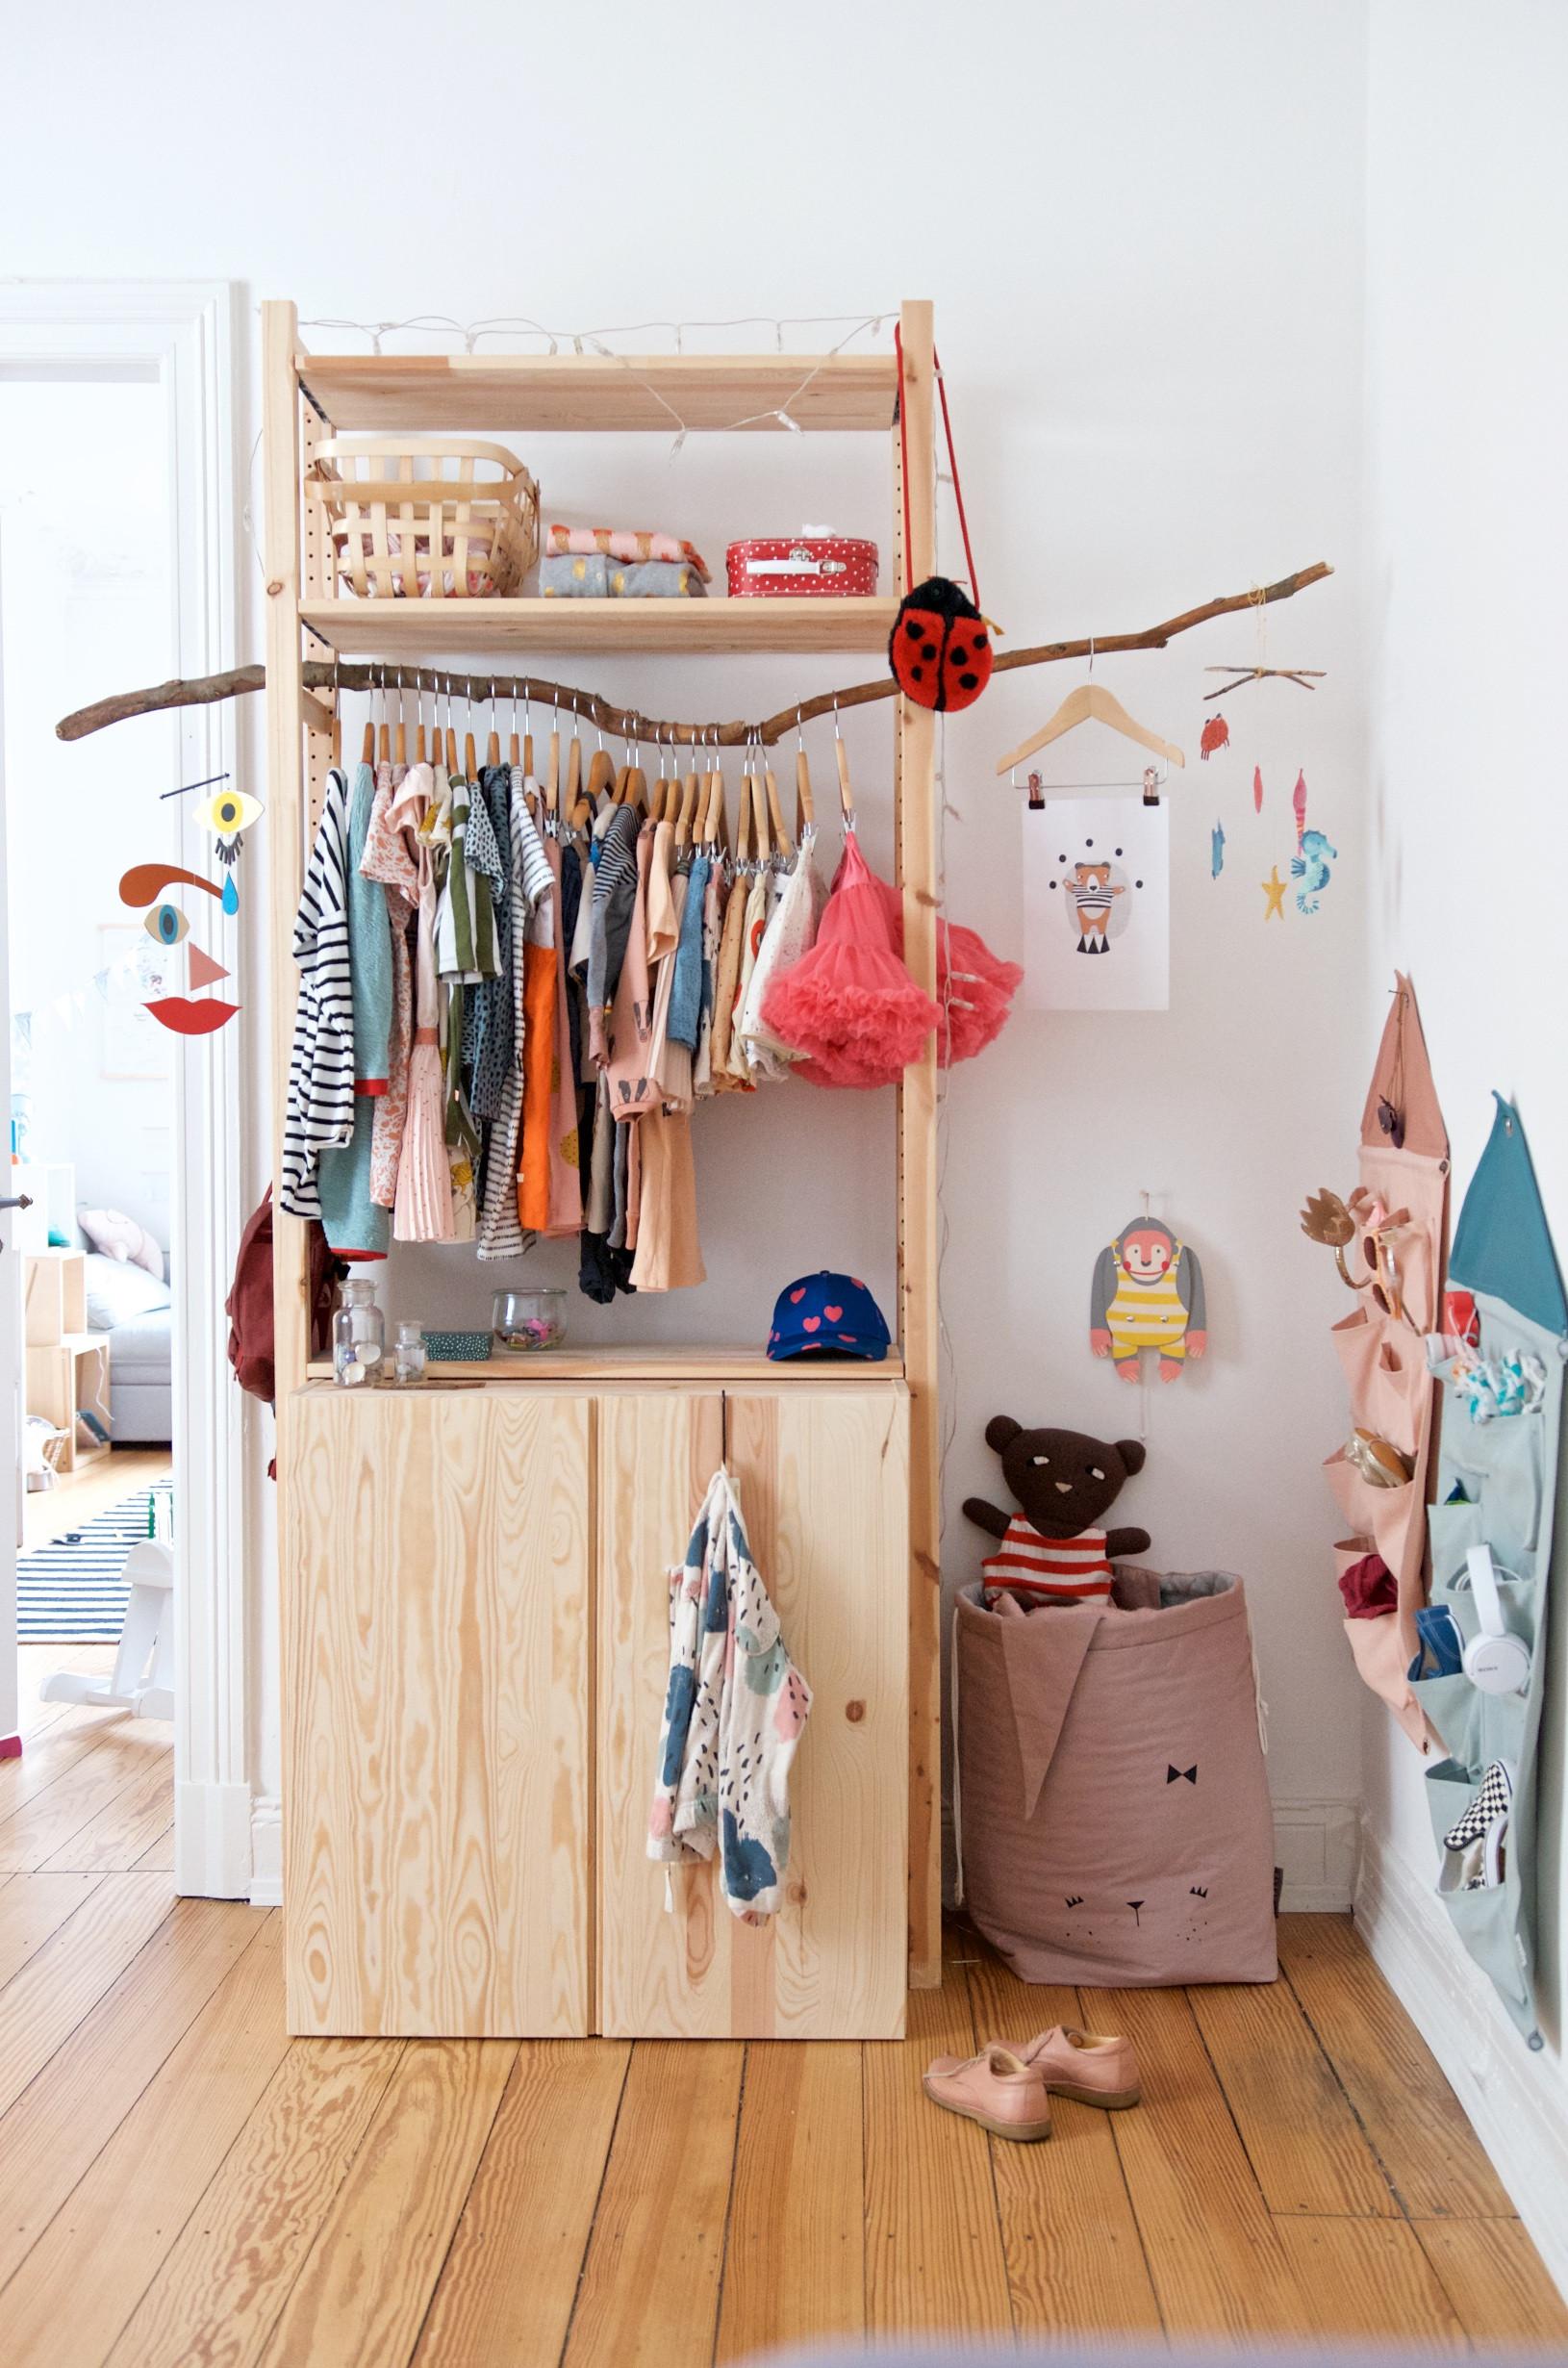 die besten ideen f r begehbarer kleiderschrank diy beste. Black Bedroom Furniture Sets. Home Design Ideas